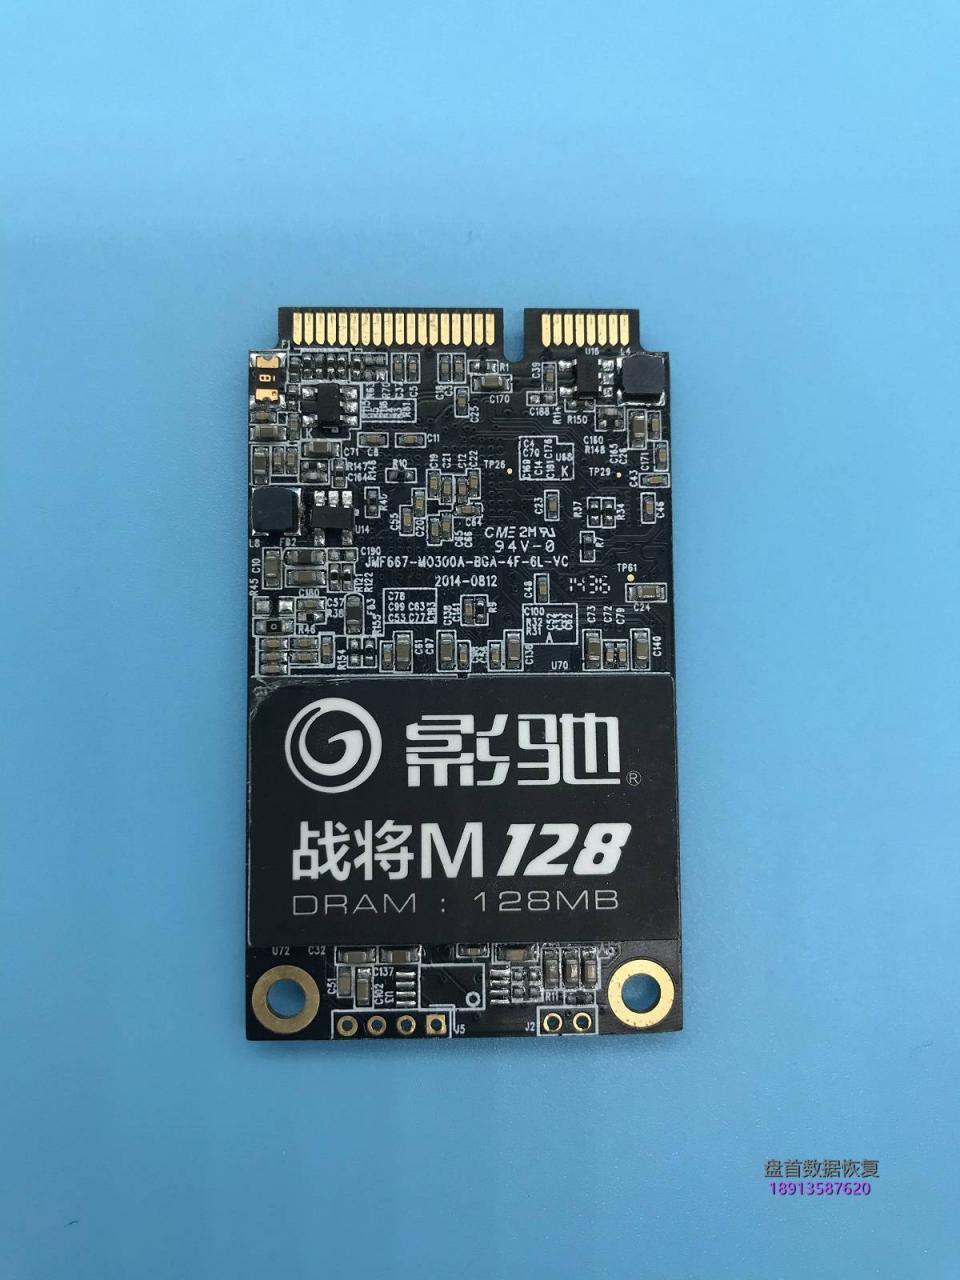 影驰战将M128G型号JMF667H主控SSD固态硬盘掉盘后不能读取数据无法识别数据恢复成功